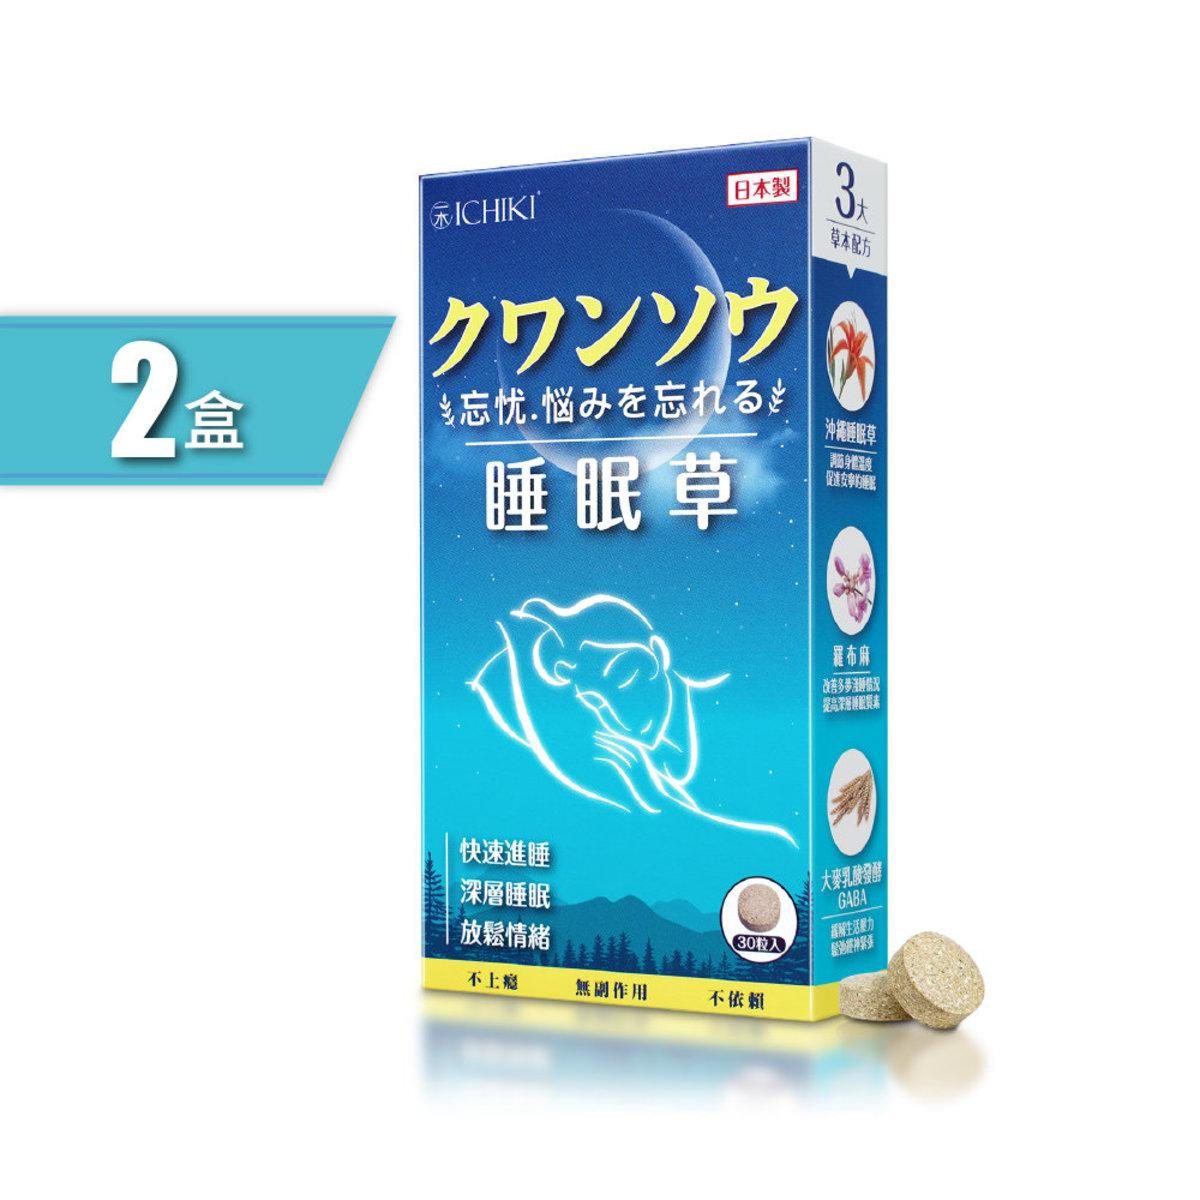 忘憂睡眠草 (2盒) [天然草本 安全不上癮 改善睡眠 失眠 助安睡 鬆弛神經 促進血液循環 減輕焦慮壓力 提升記憶集中力]